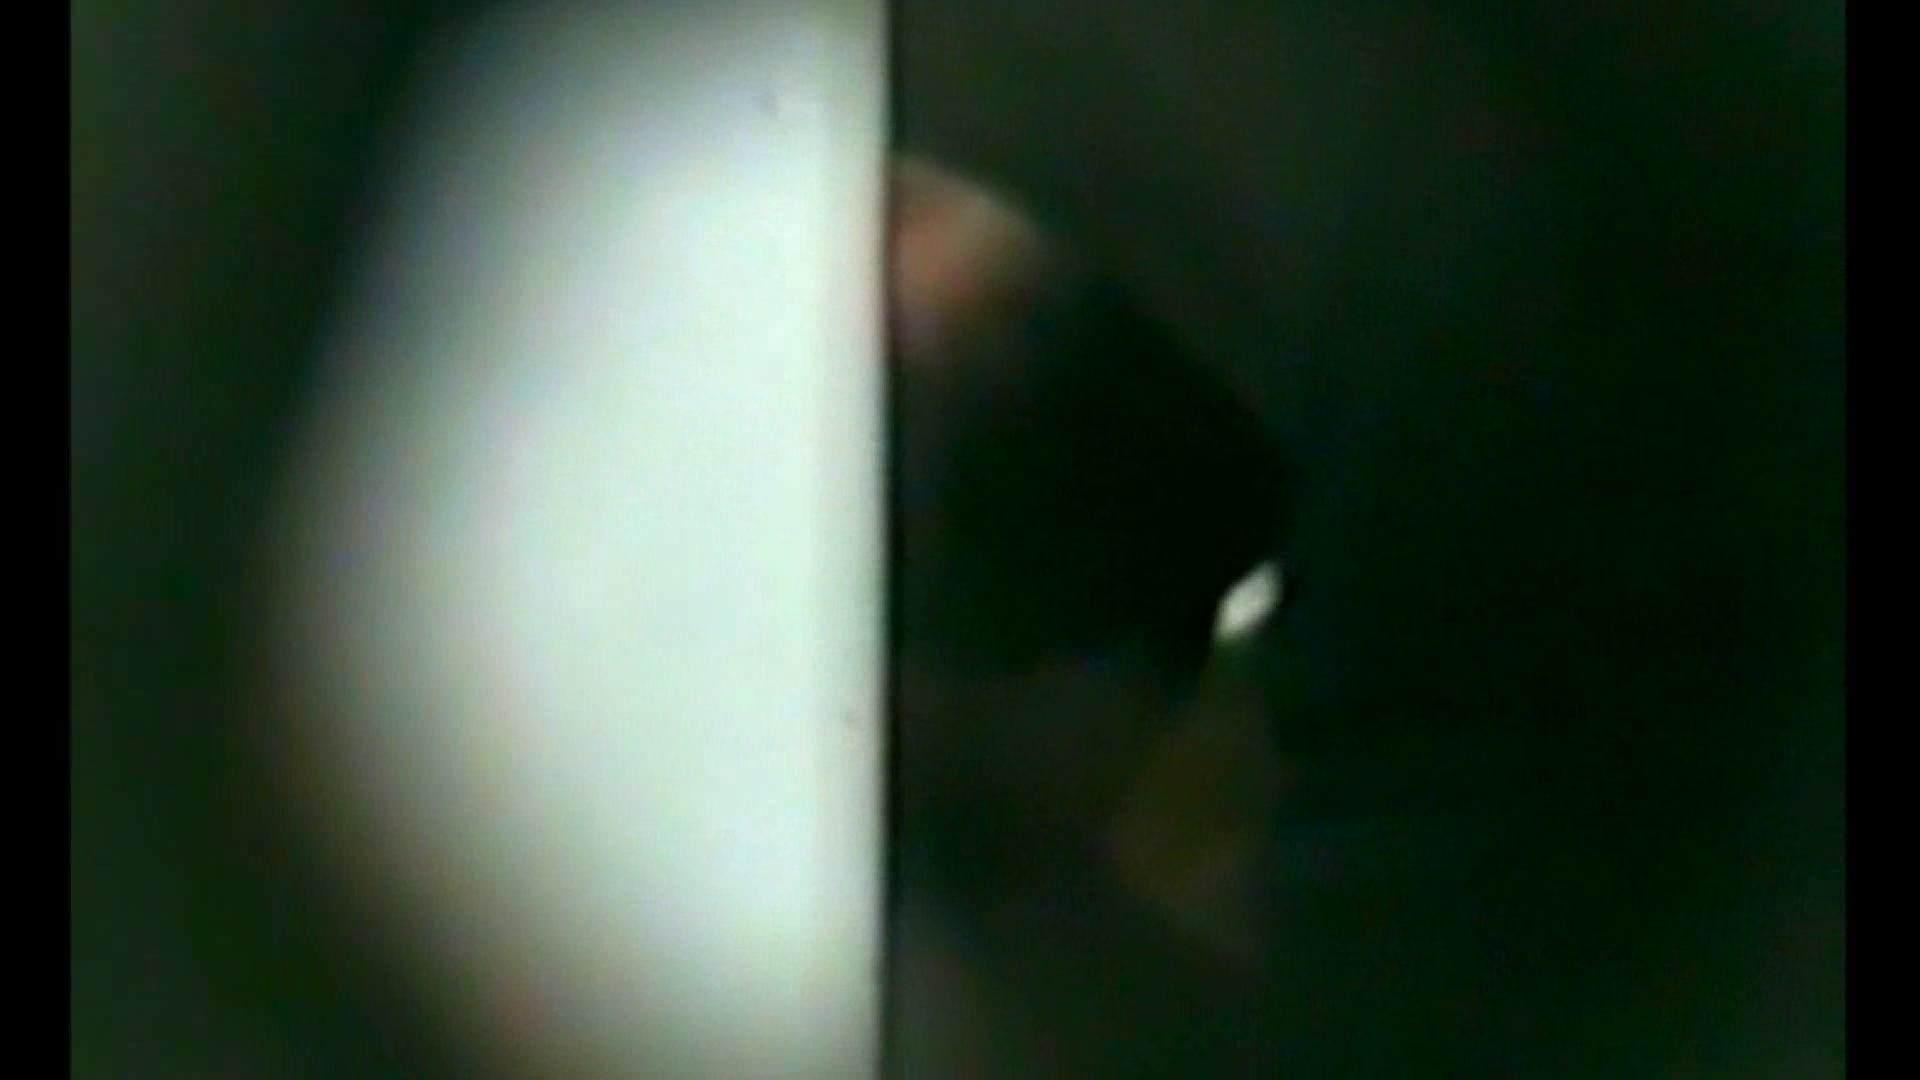 ゲイところてん|イケメンの素顔in洗面所 Vol.16|イケメン